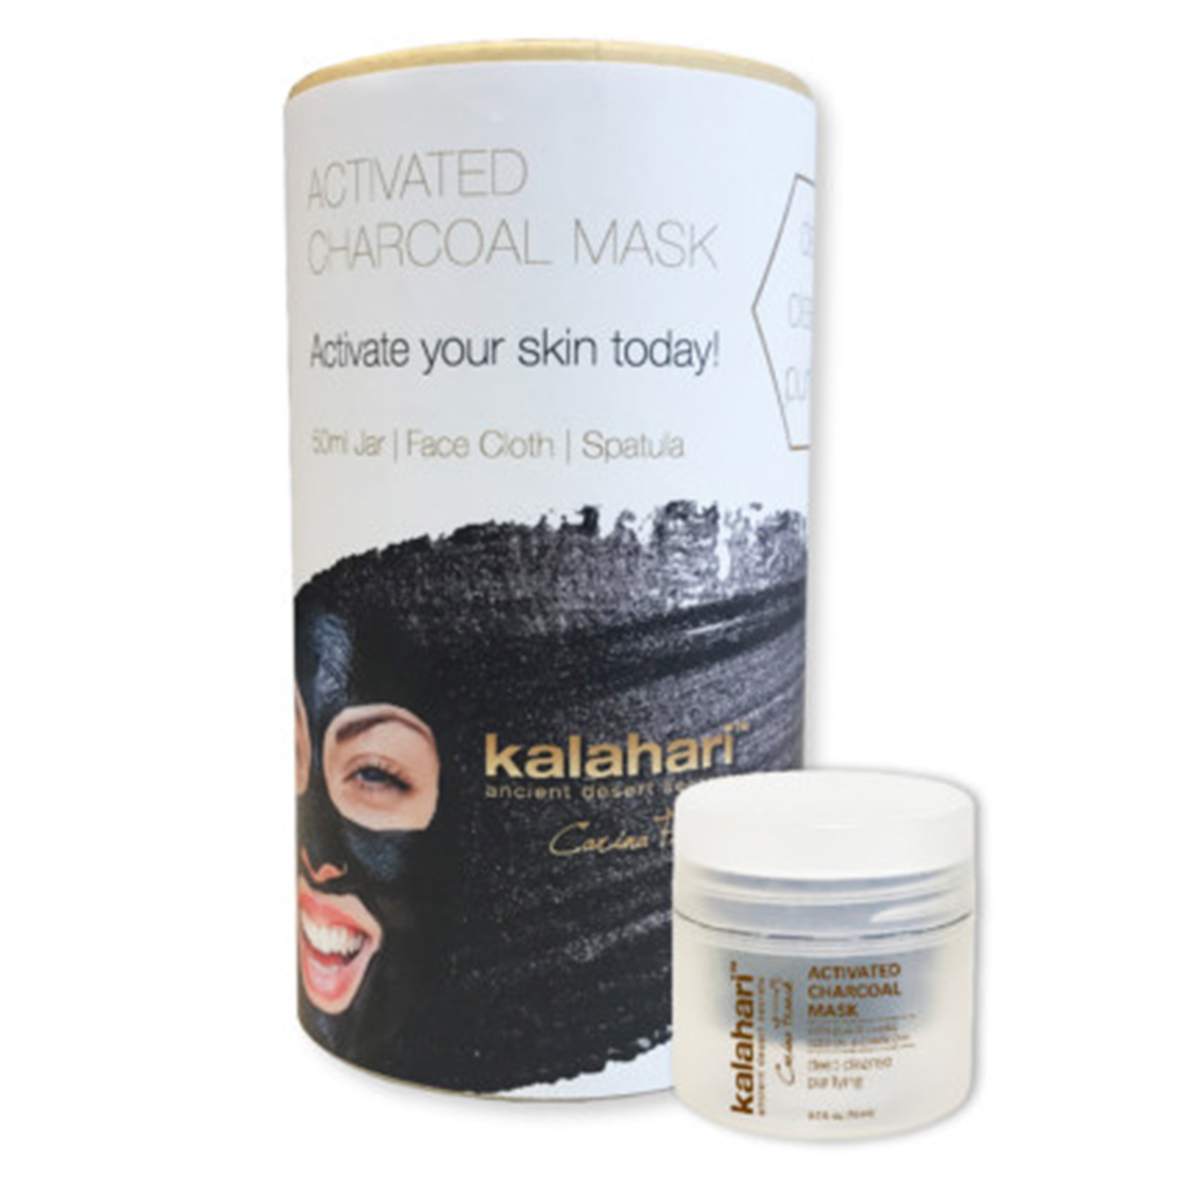 Kalahari Activated Charcoal Mask